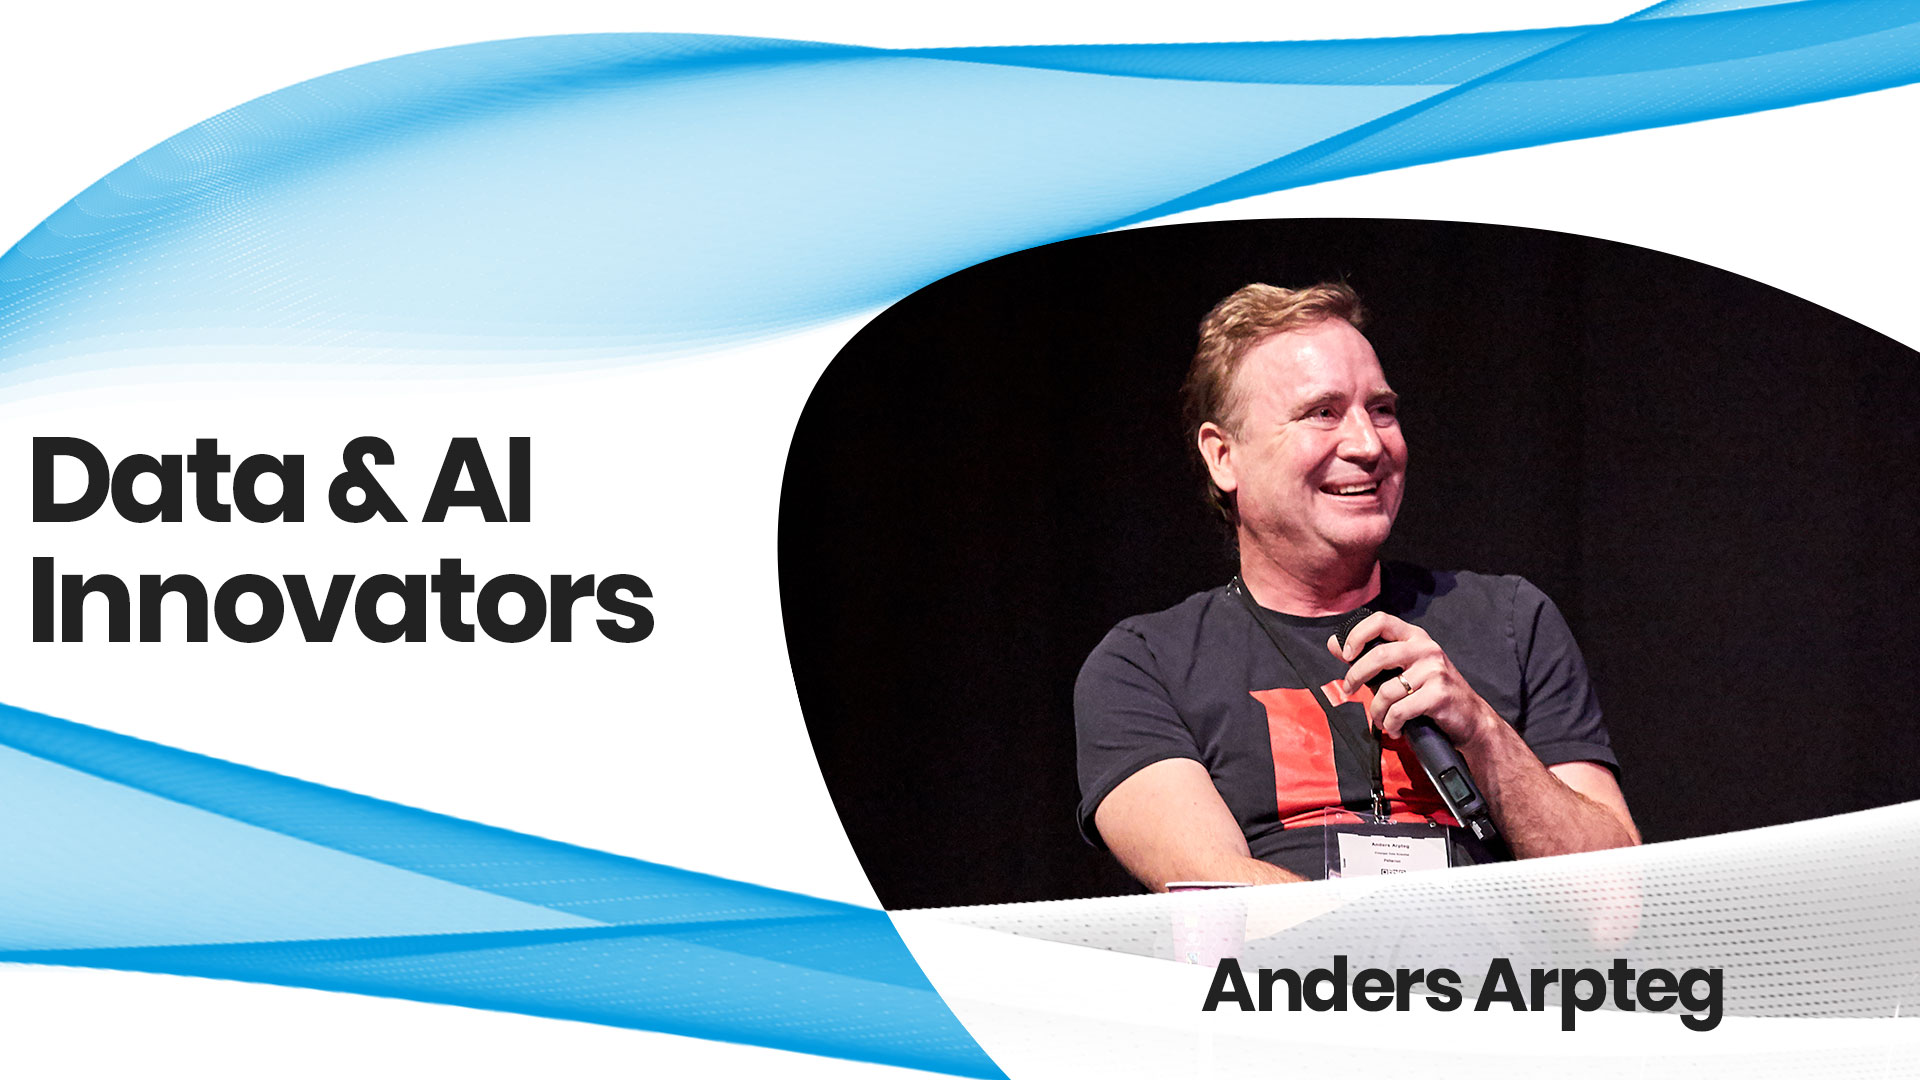 Anders Arpteg